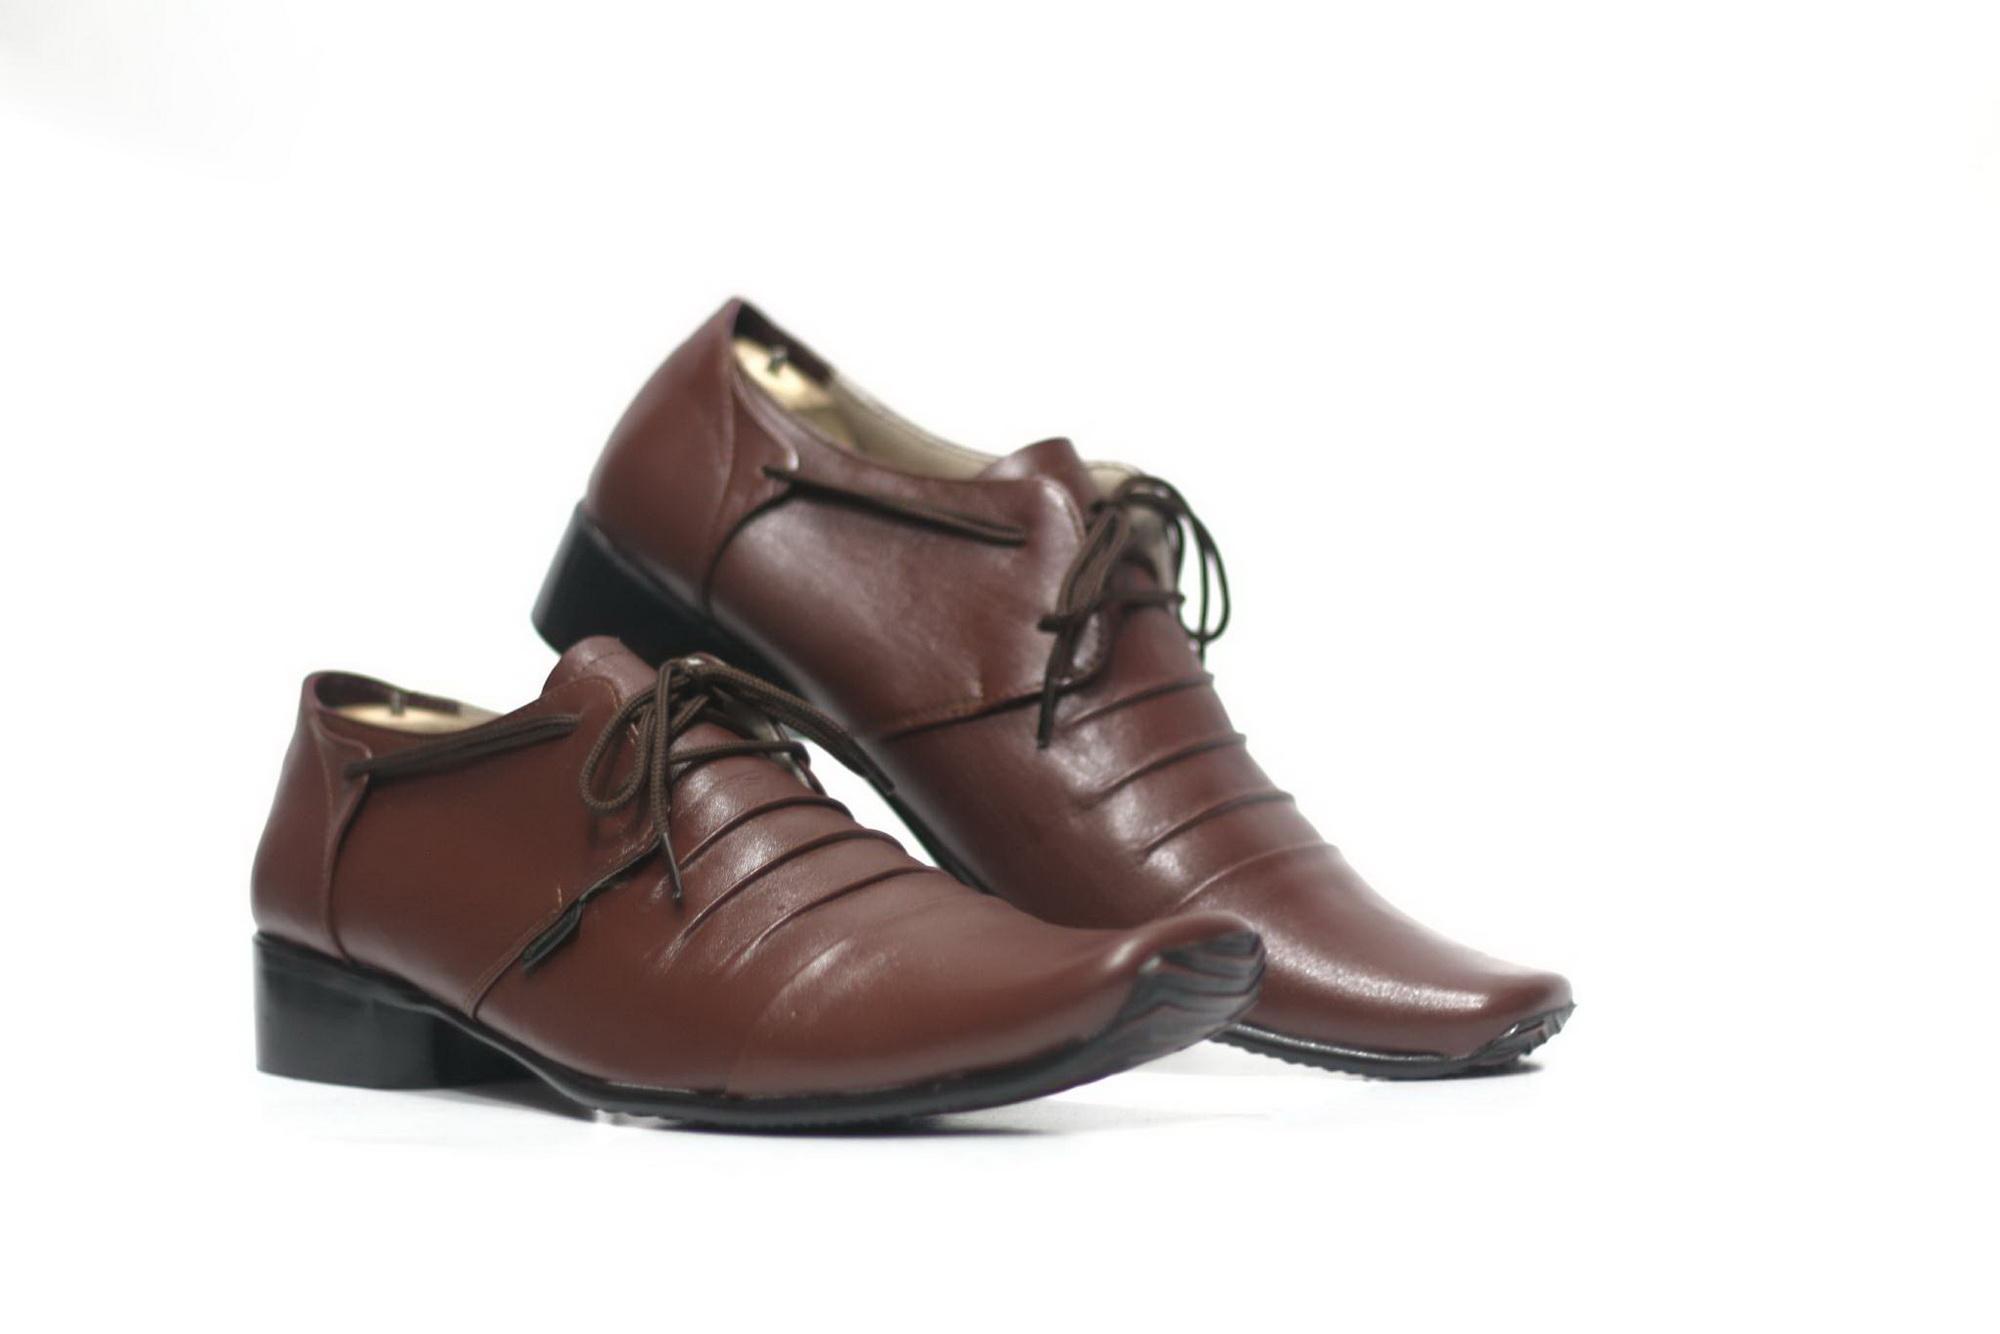 Sepatu Pantopel Kulit Asli Formal Cevany Pantofel Badami Pria Rempel Tali Kerja Kantoran Slop Casual Free Kaos